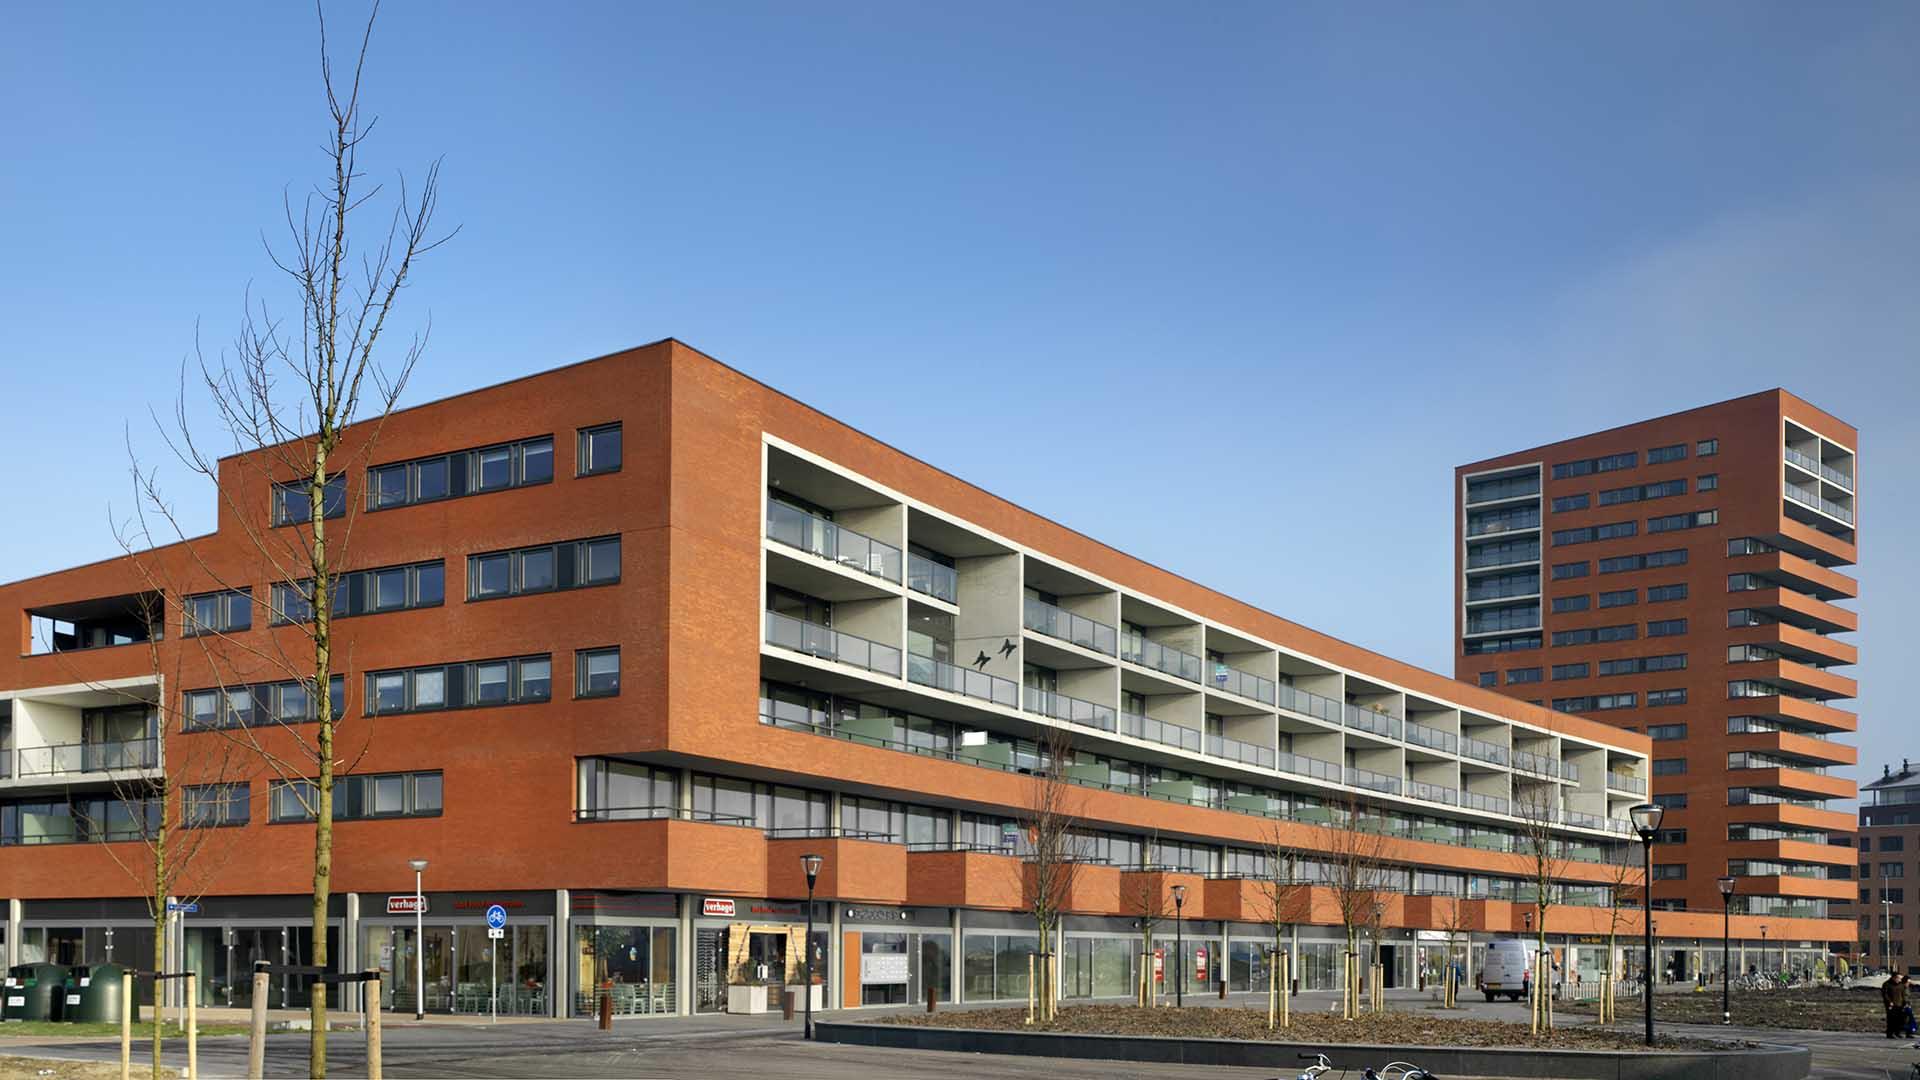 Winkelcentrum De Volgerlanden Hendrik Ido Ambacht